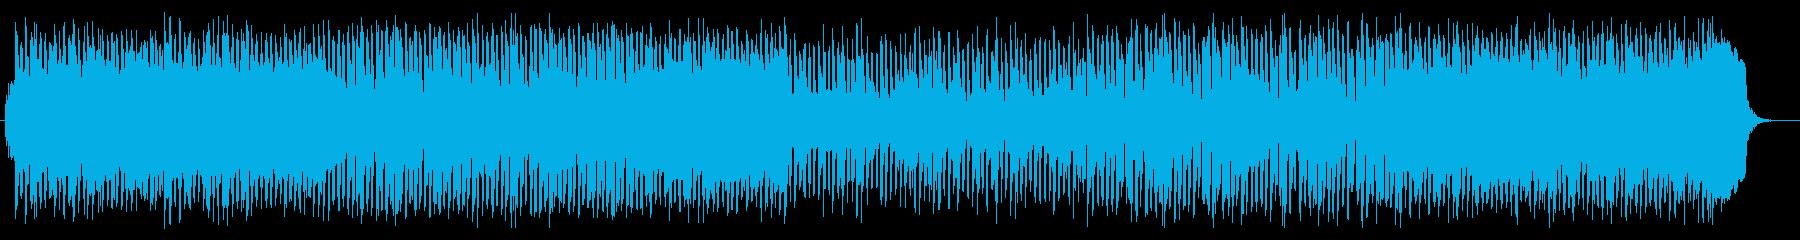 緊張感のあるミドルテンポのポップスの再生済みの波形